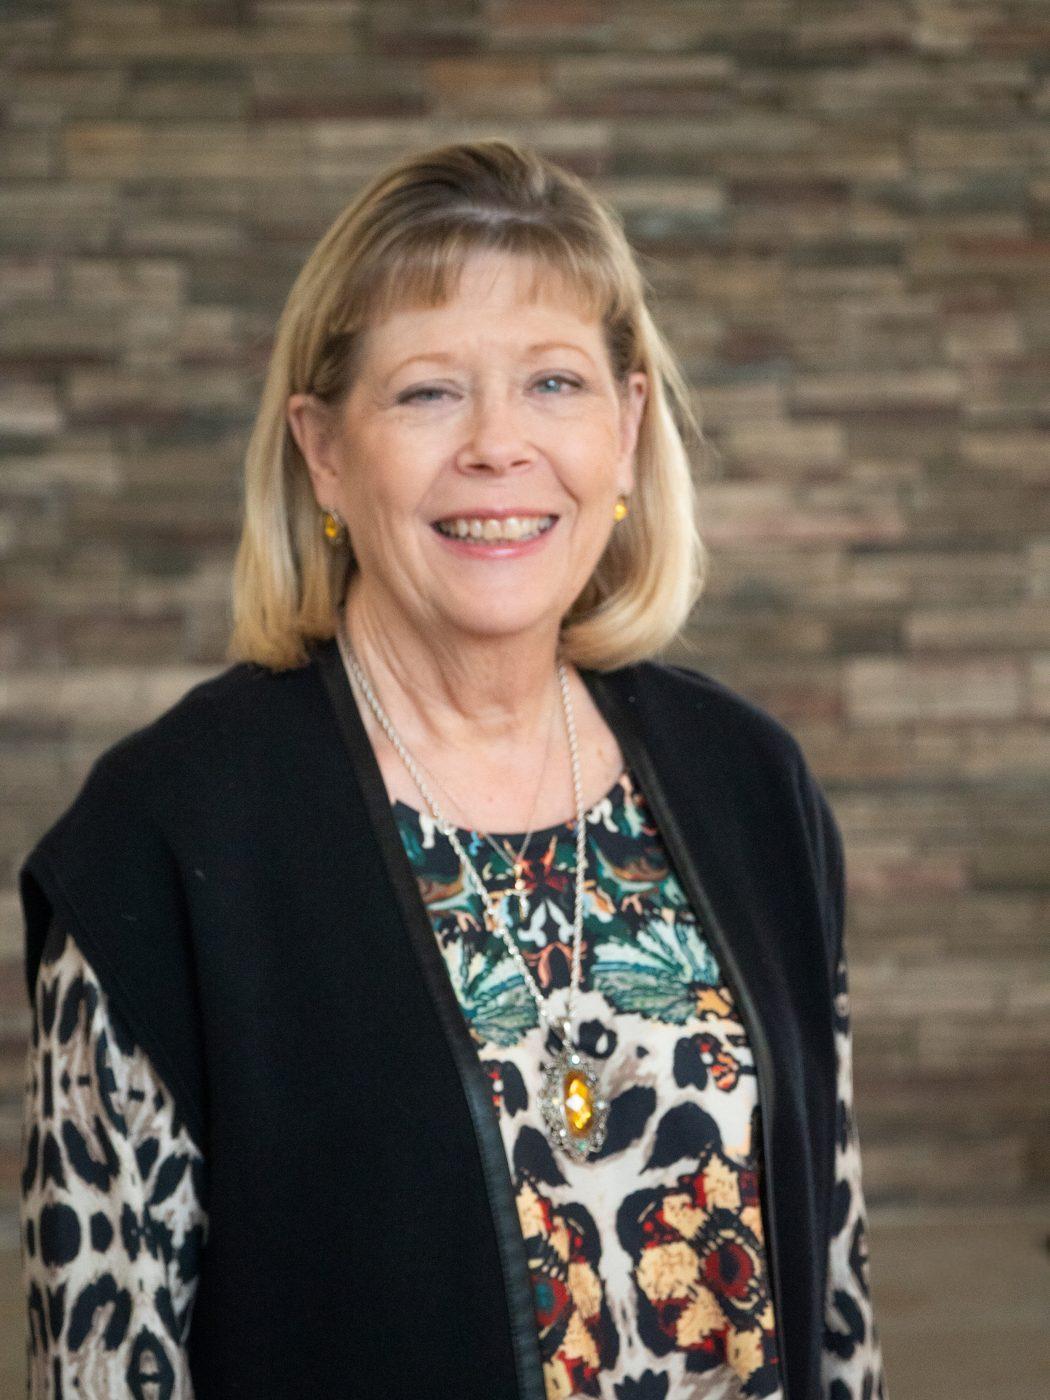 Diane Poole